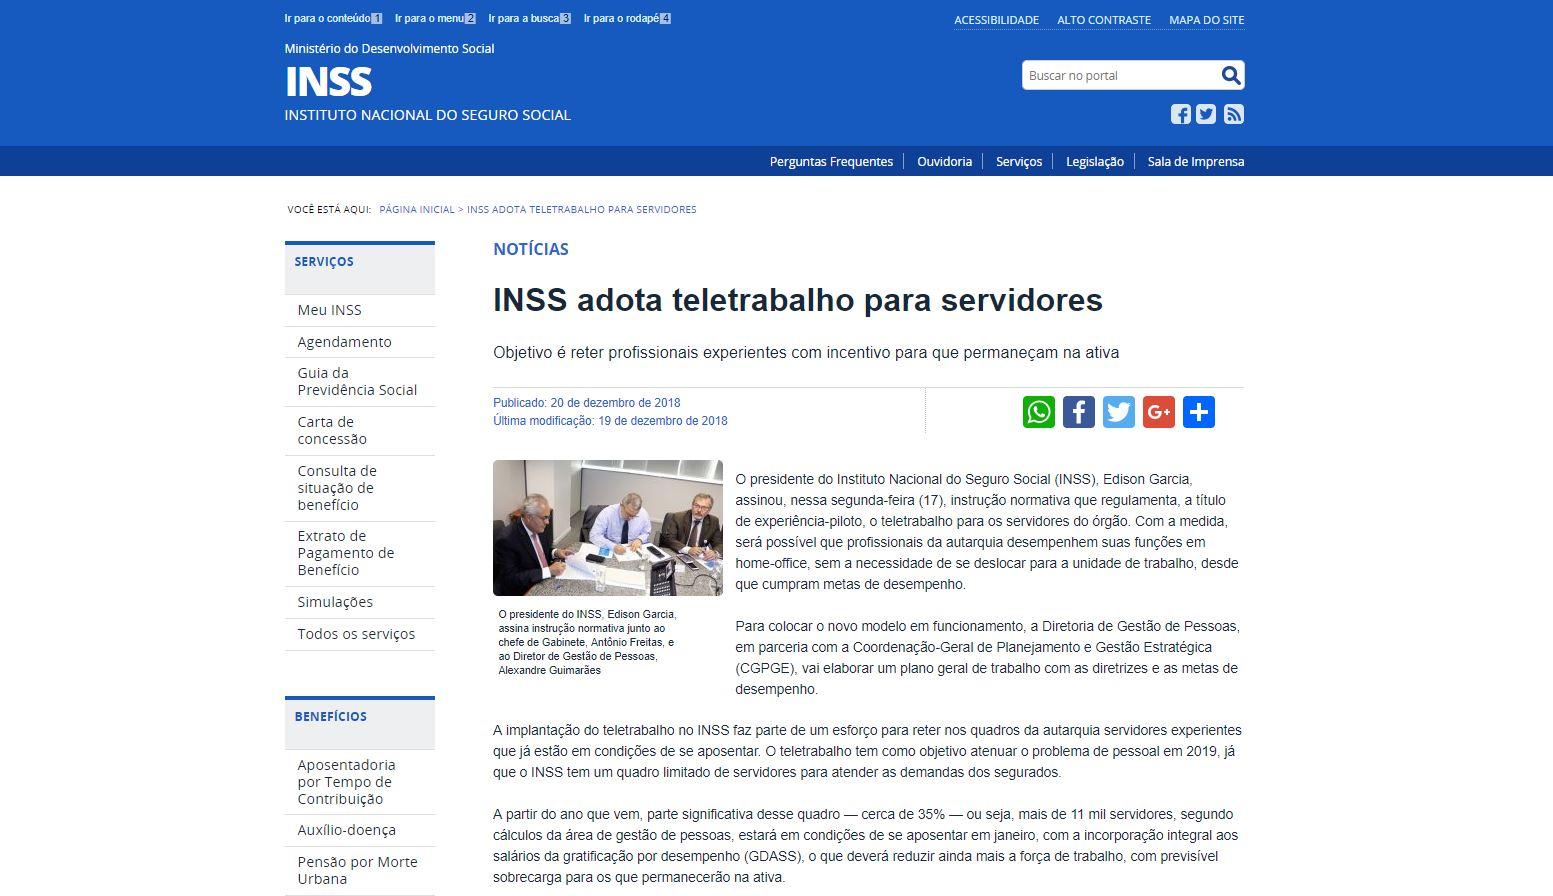 INSS adota teletrabalho para servidores